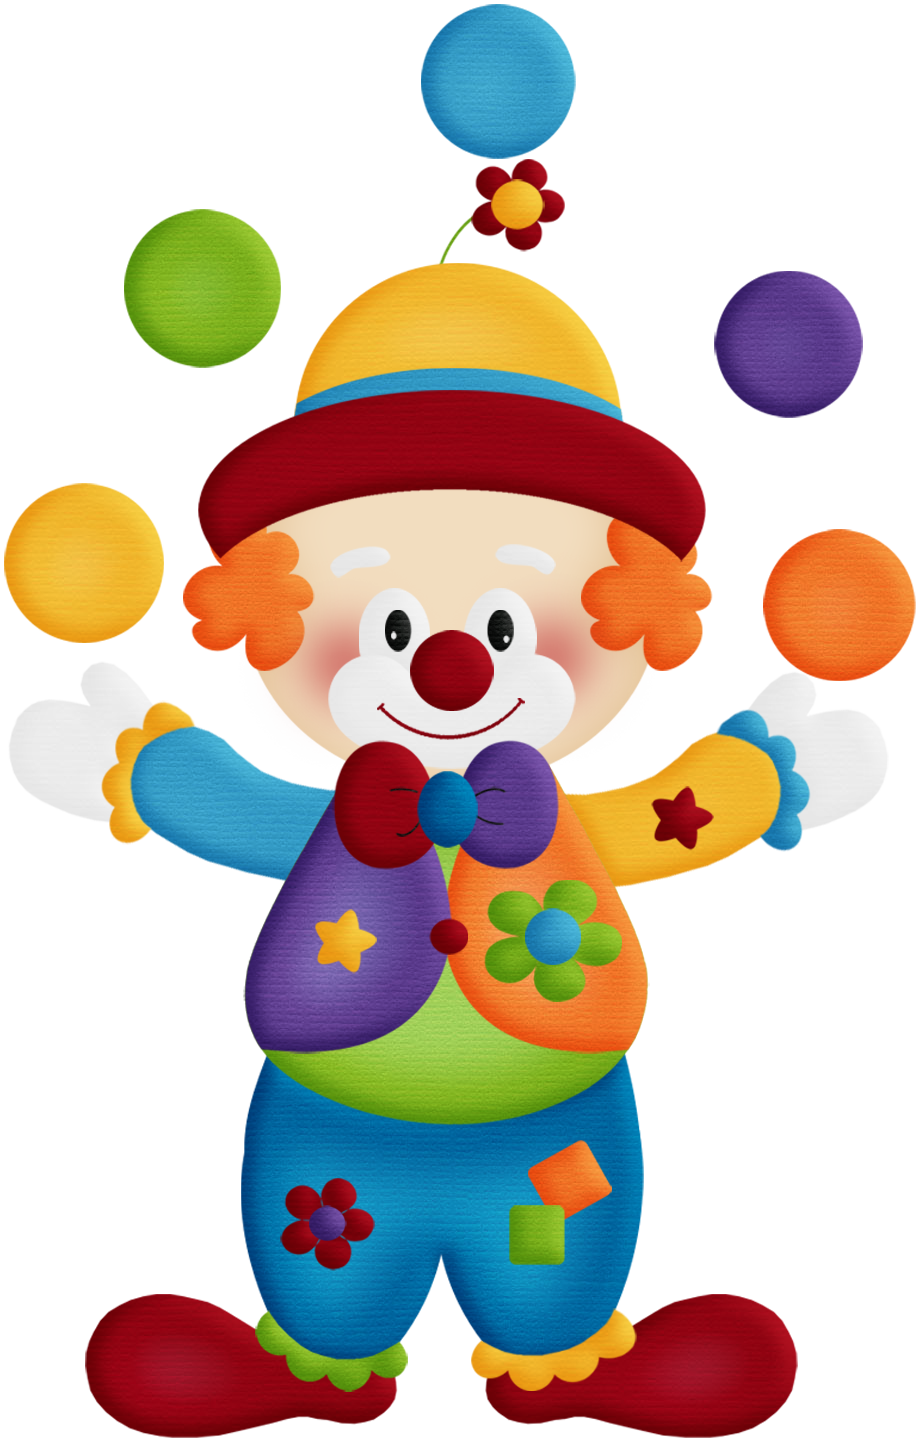 circo png - Pesquisa Google | 1 aninho Gustavo | Pinterest ...